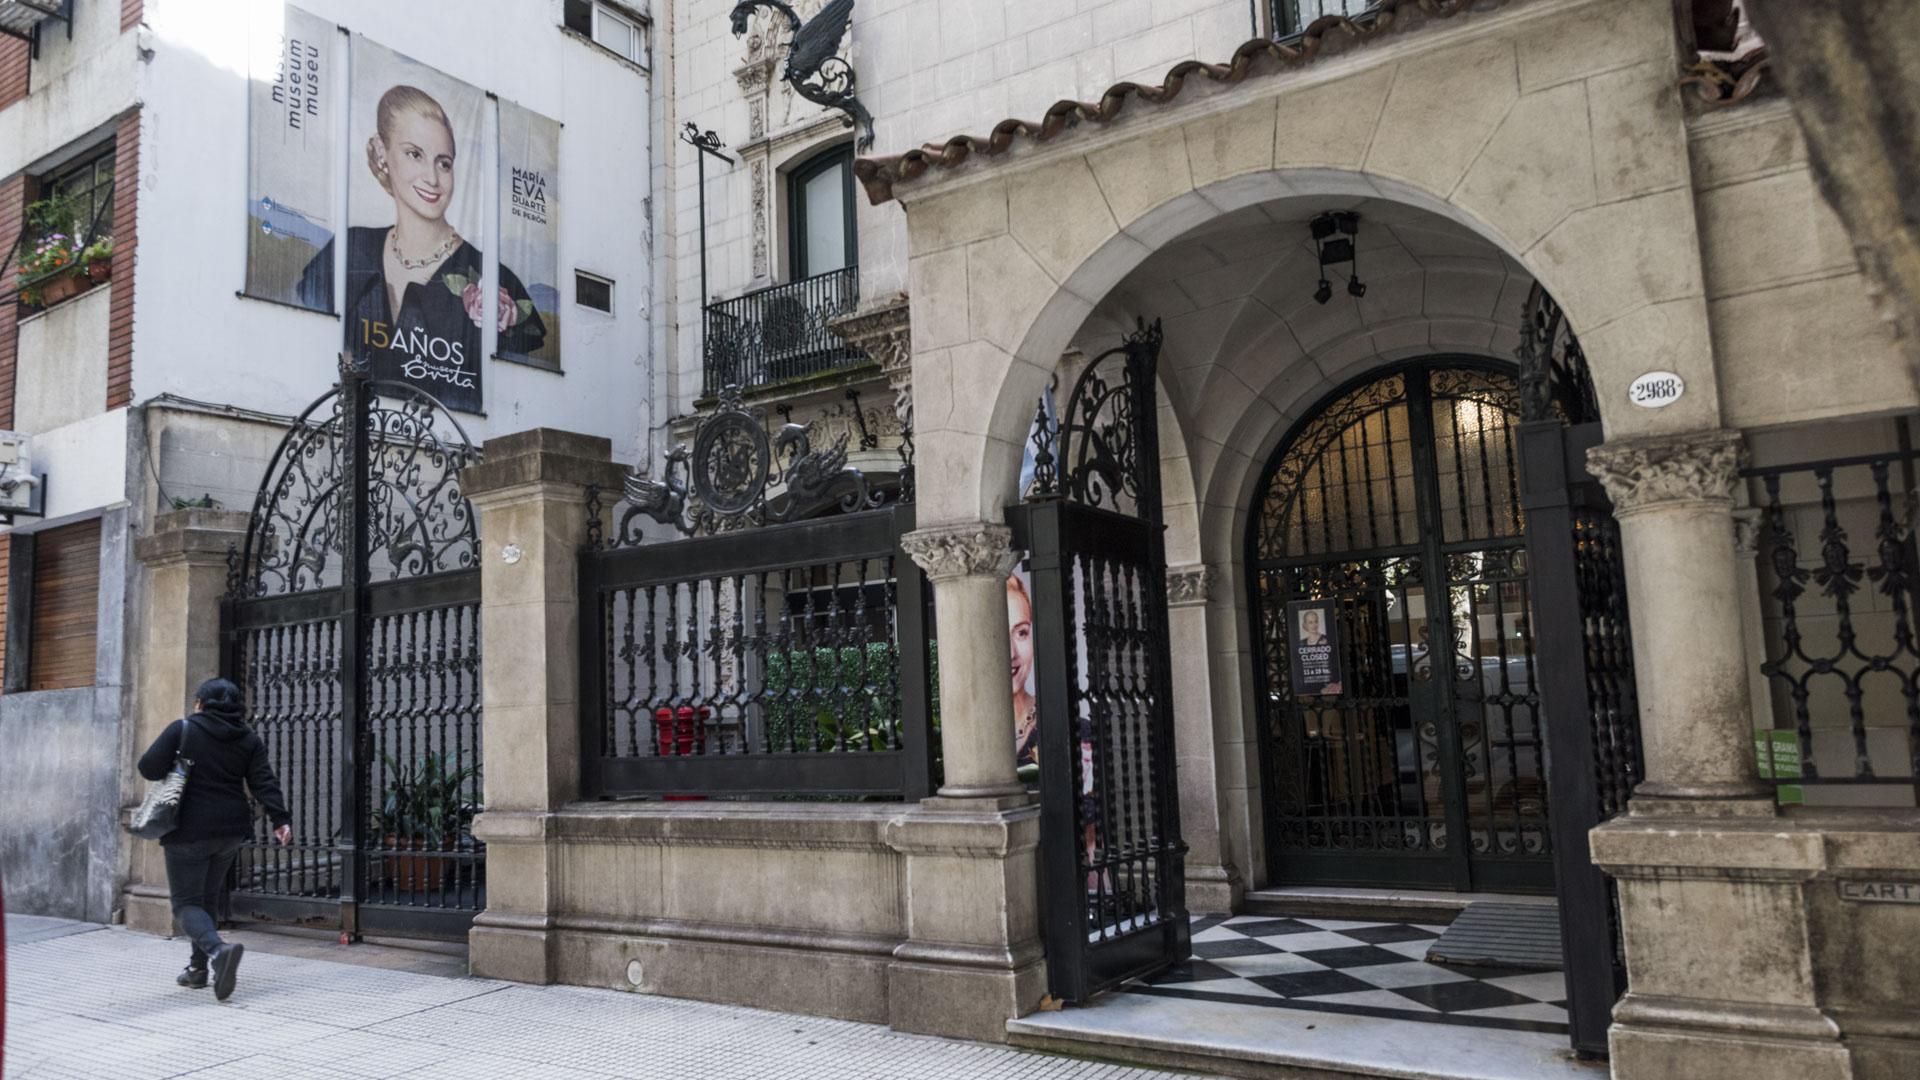 """El Museo Evita fue inaugurado el 26 de julio de 2002. Posteriormente, en el 2007 fue declarado """"Monumento Histórico Nacional"""""""